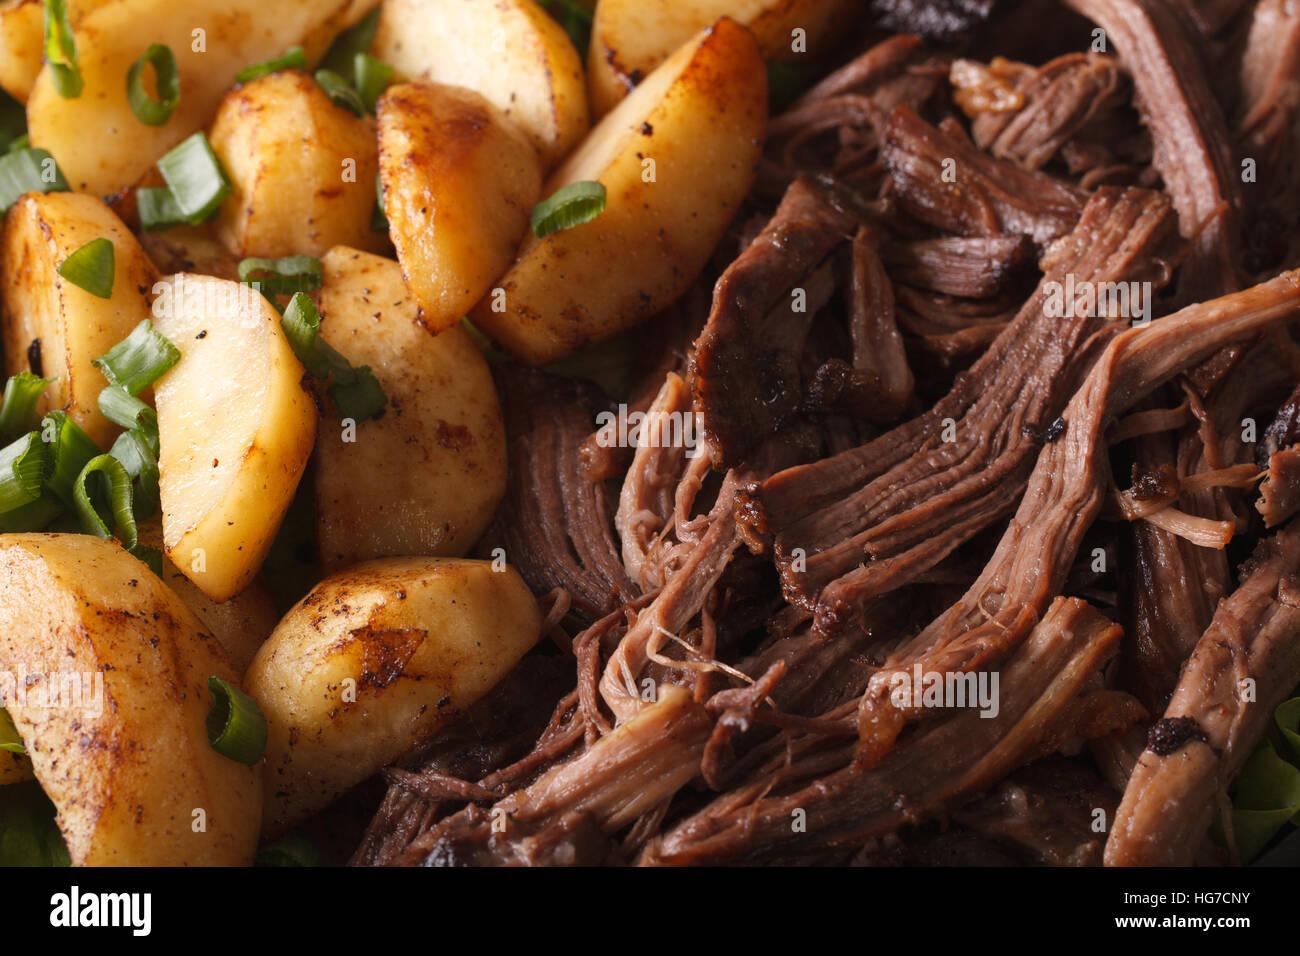 Porc savoureux avec des pommes de terre au fond horizontal macro. Photo Stock